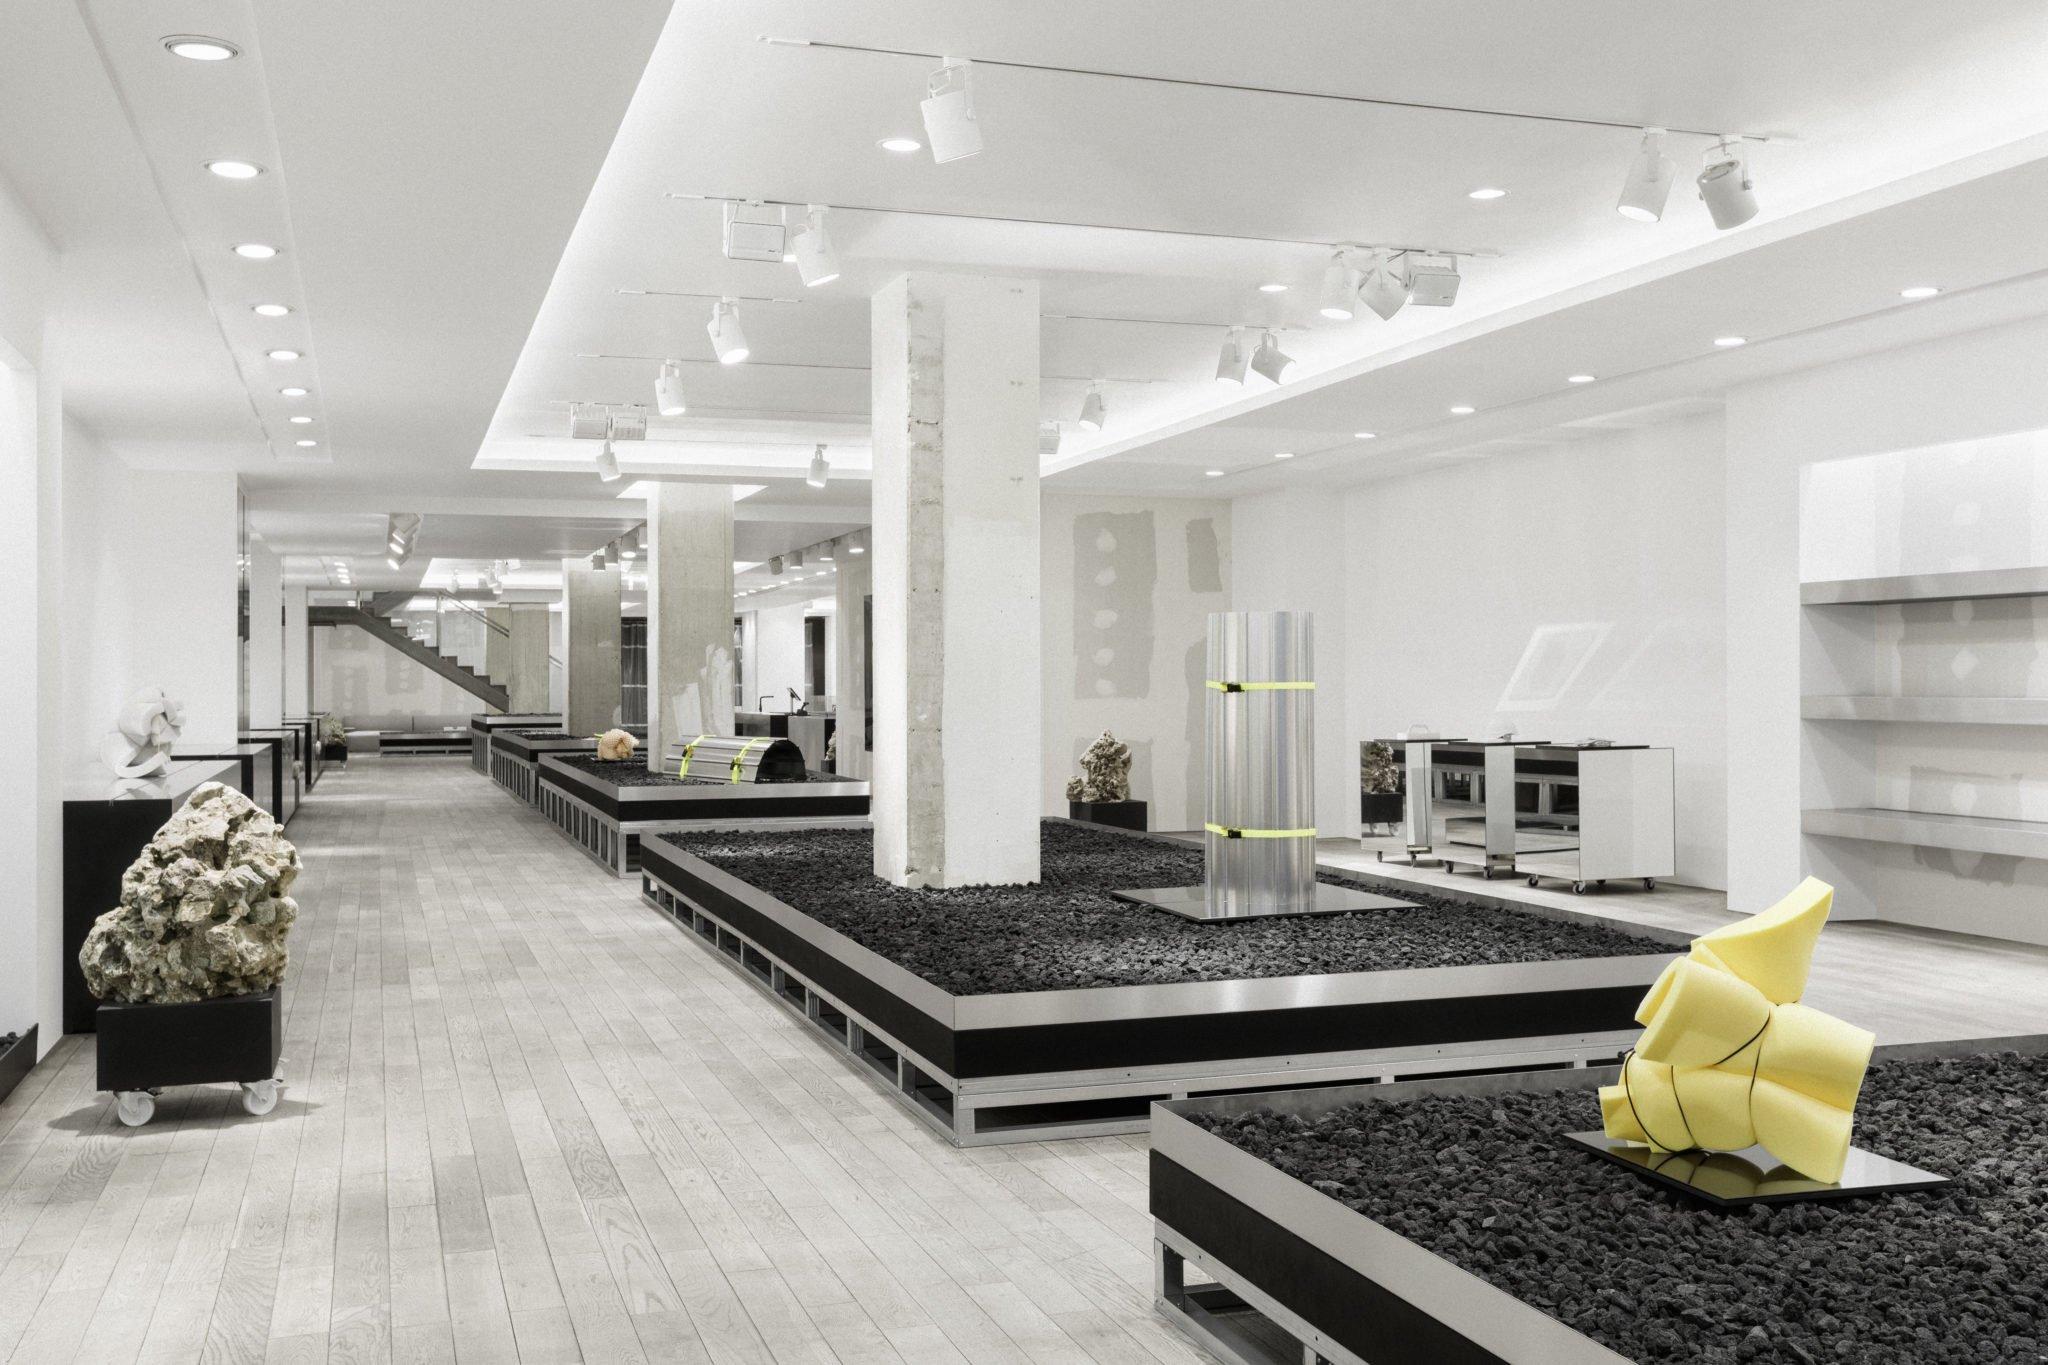 Realtale group, VAUST révèle un concept-store à Hanovre de produits haut de gamme et innovants